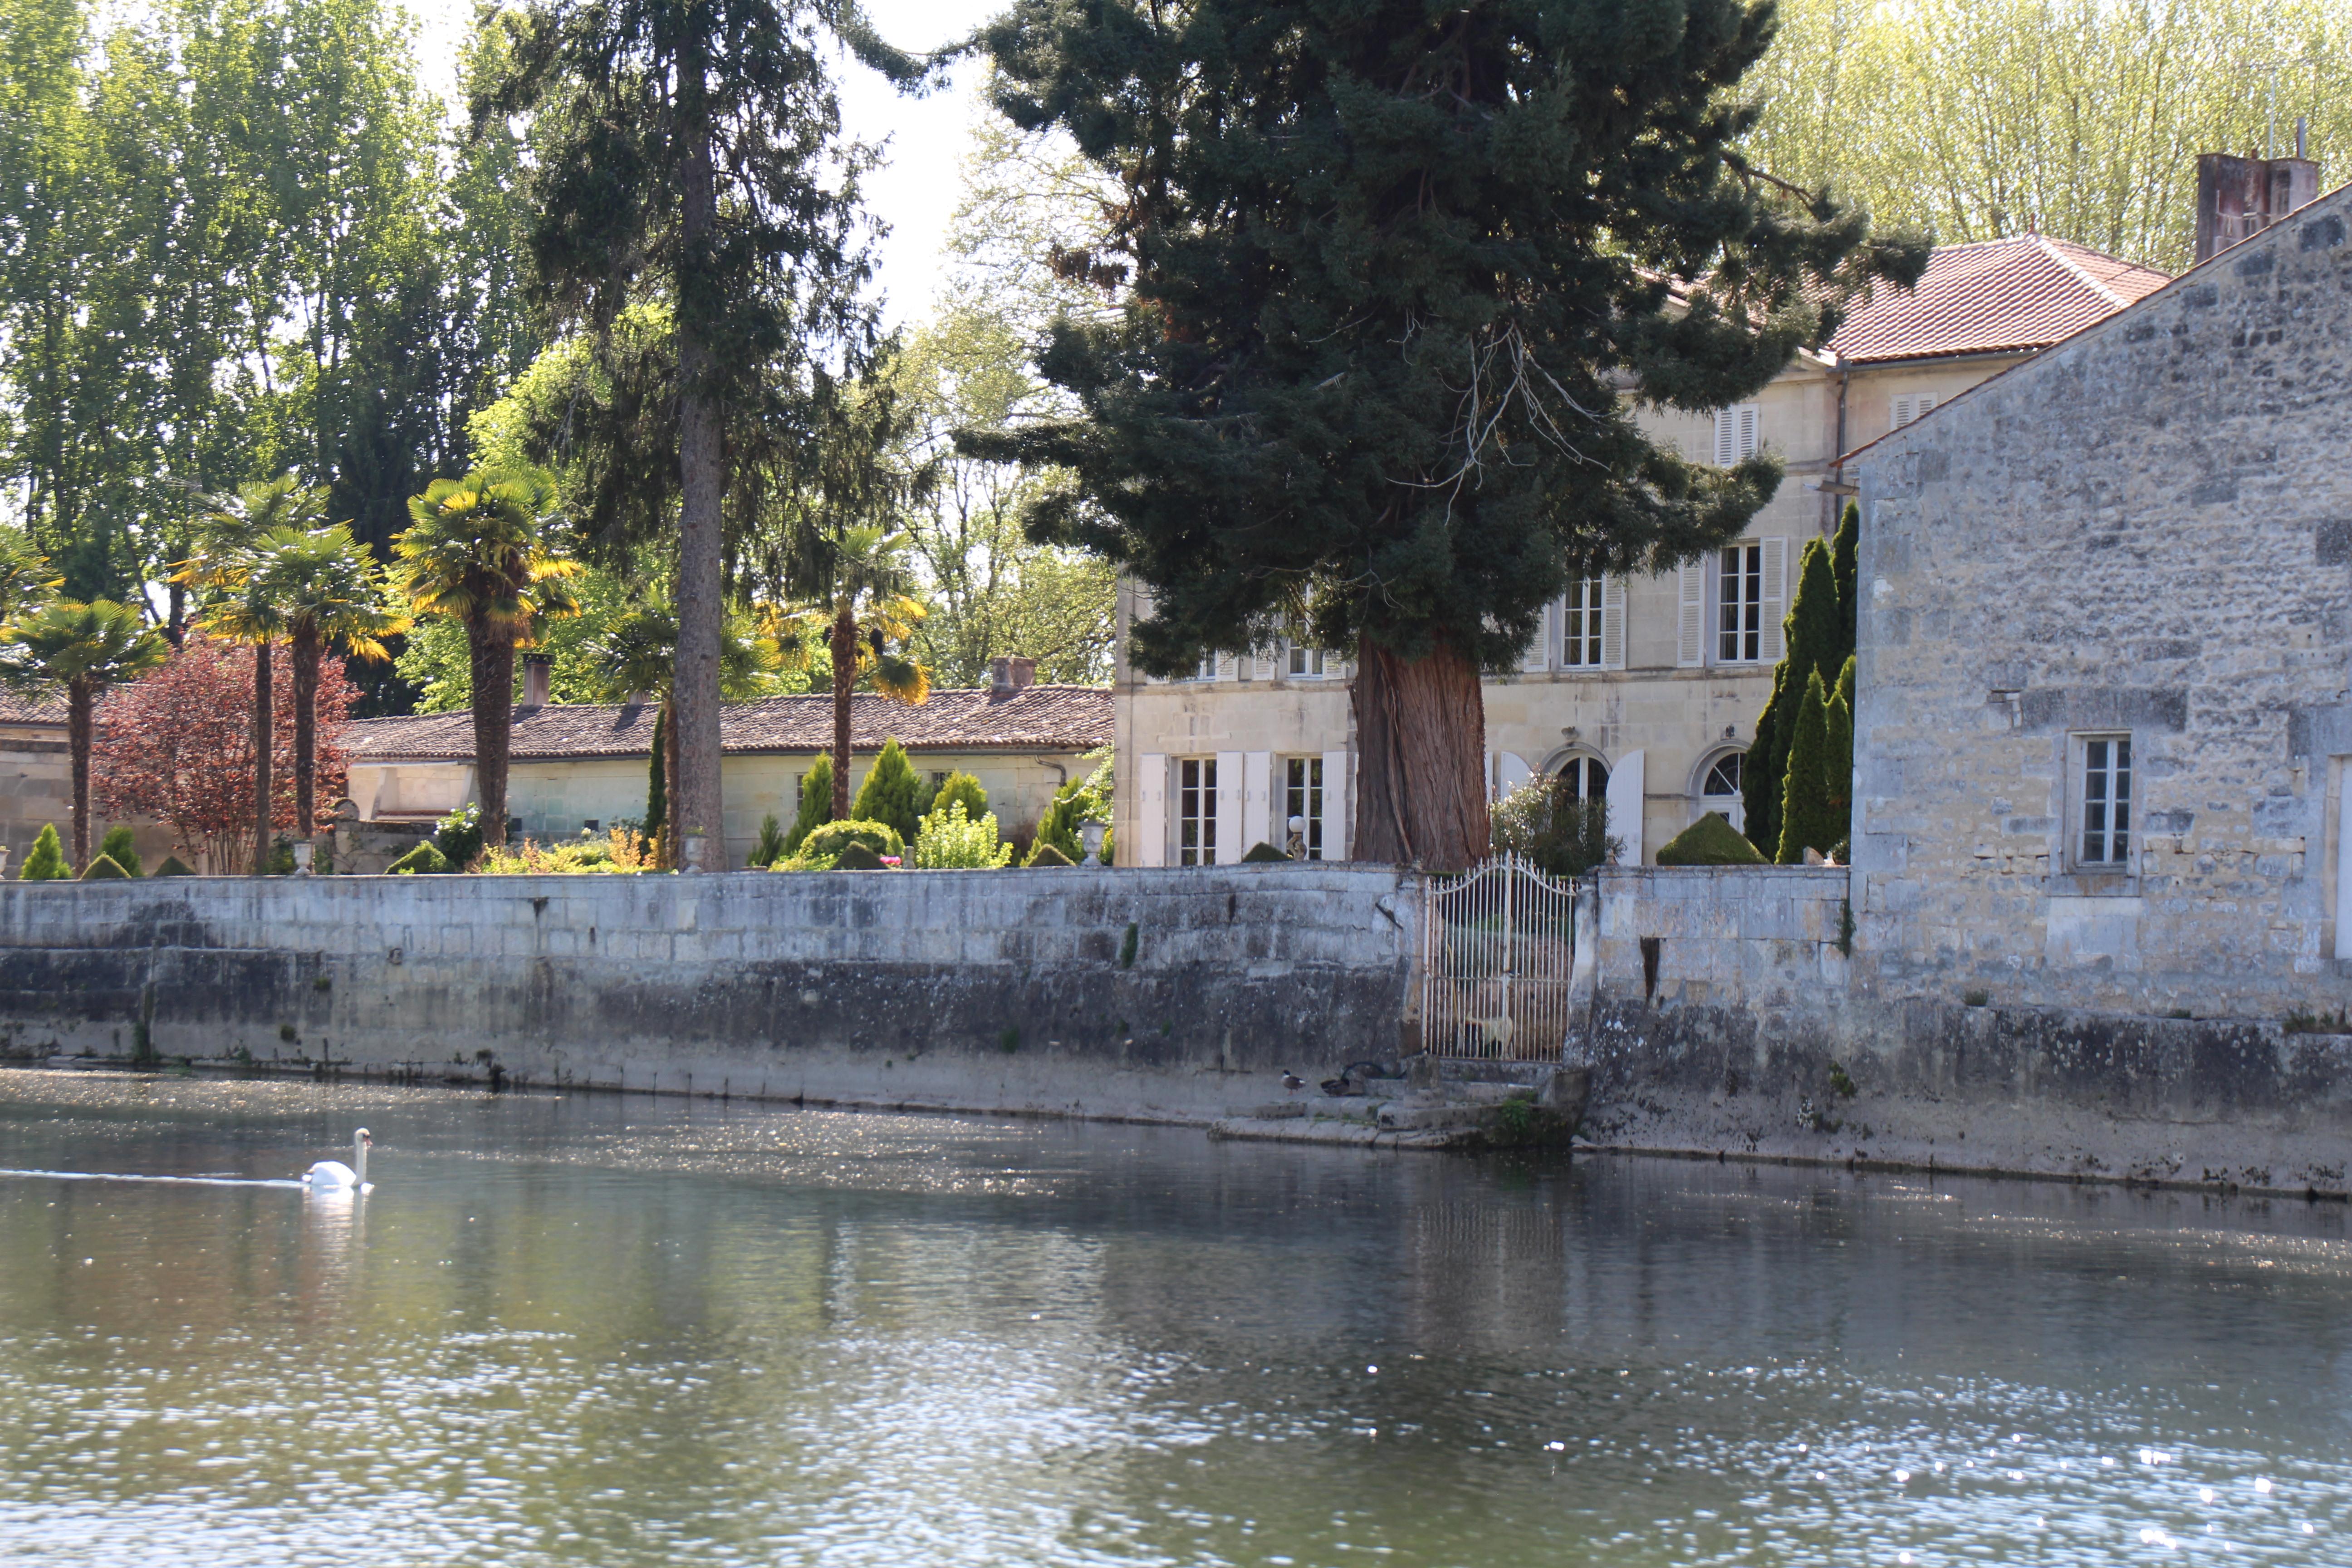 intercroisieres :: Week-end 2 jours - Croisière fluviale pour une échappée vers les villages pittoresques charentais